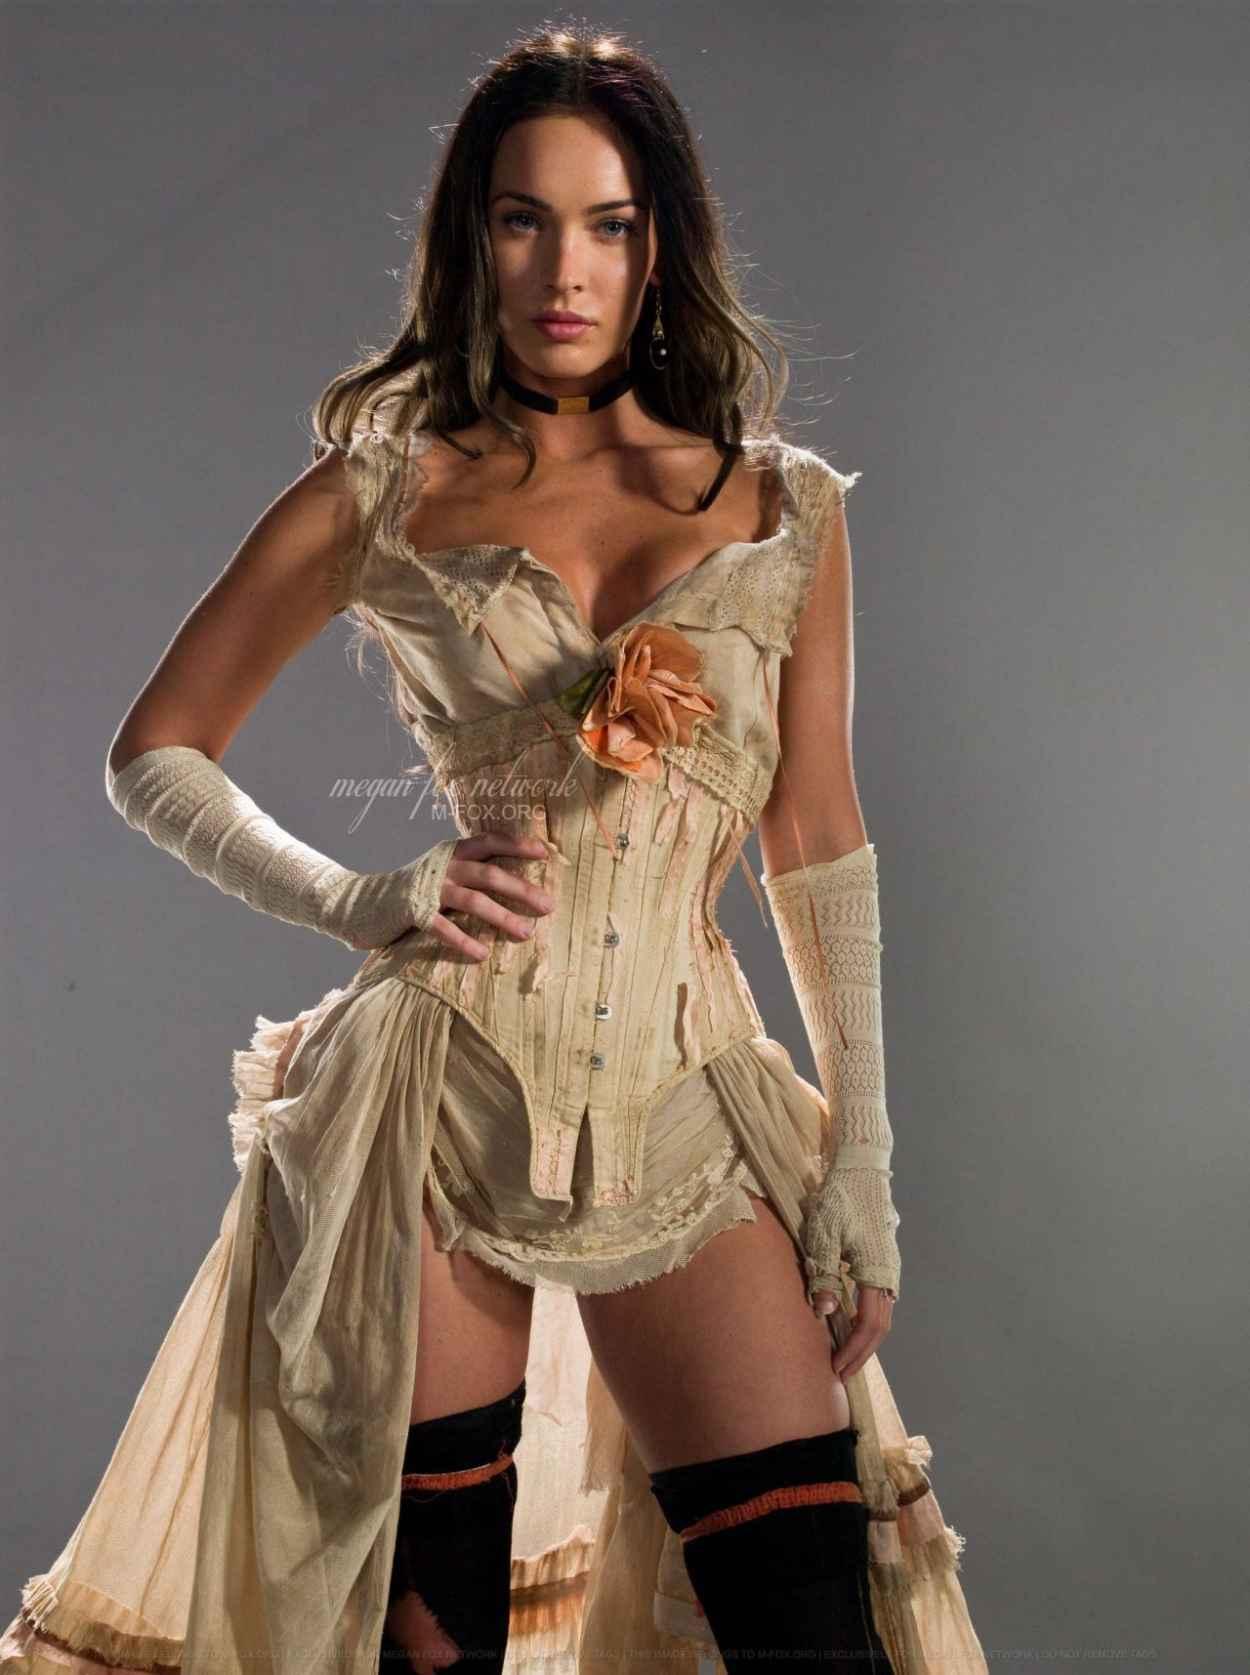 Megan Fox - Jonah Hex Promos-1